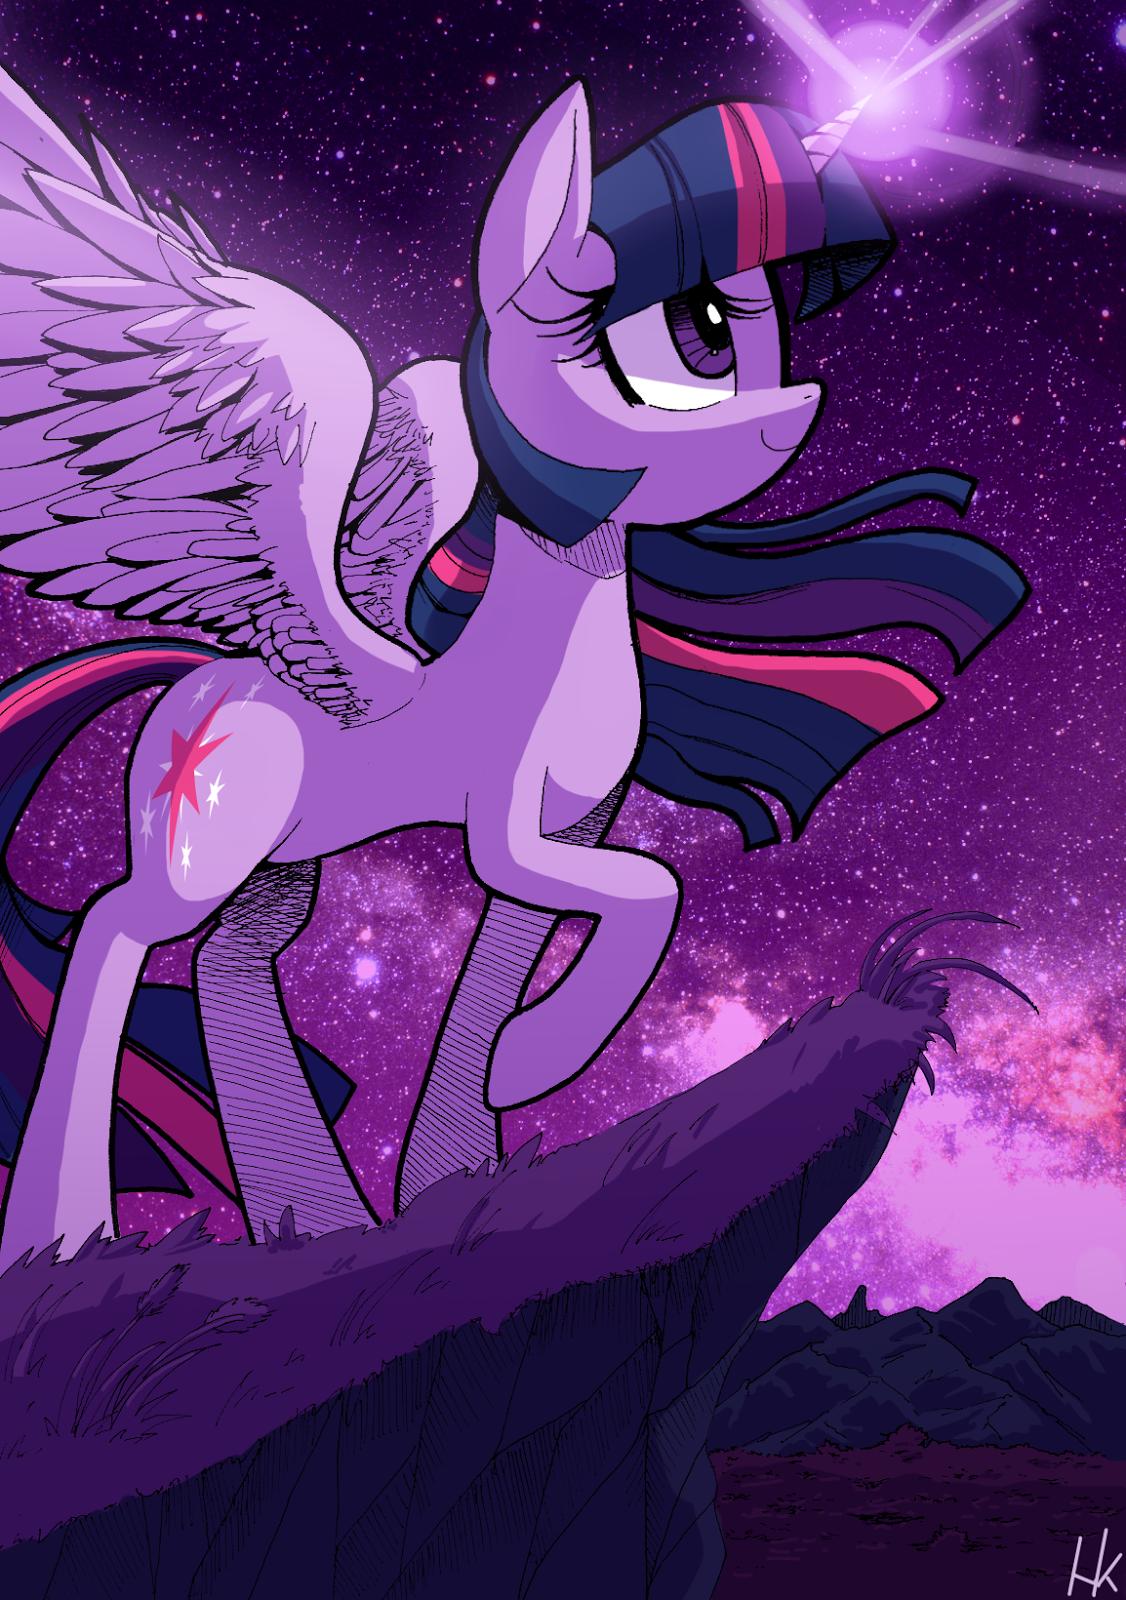 """Episodio 1 y 2, """"Princess Twilight Sparkle"""" (Actualización ..."""